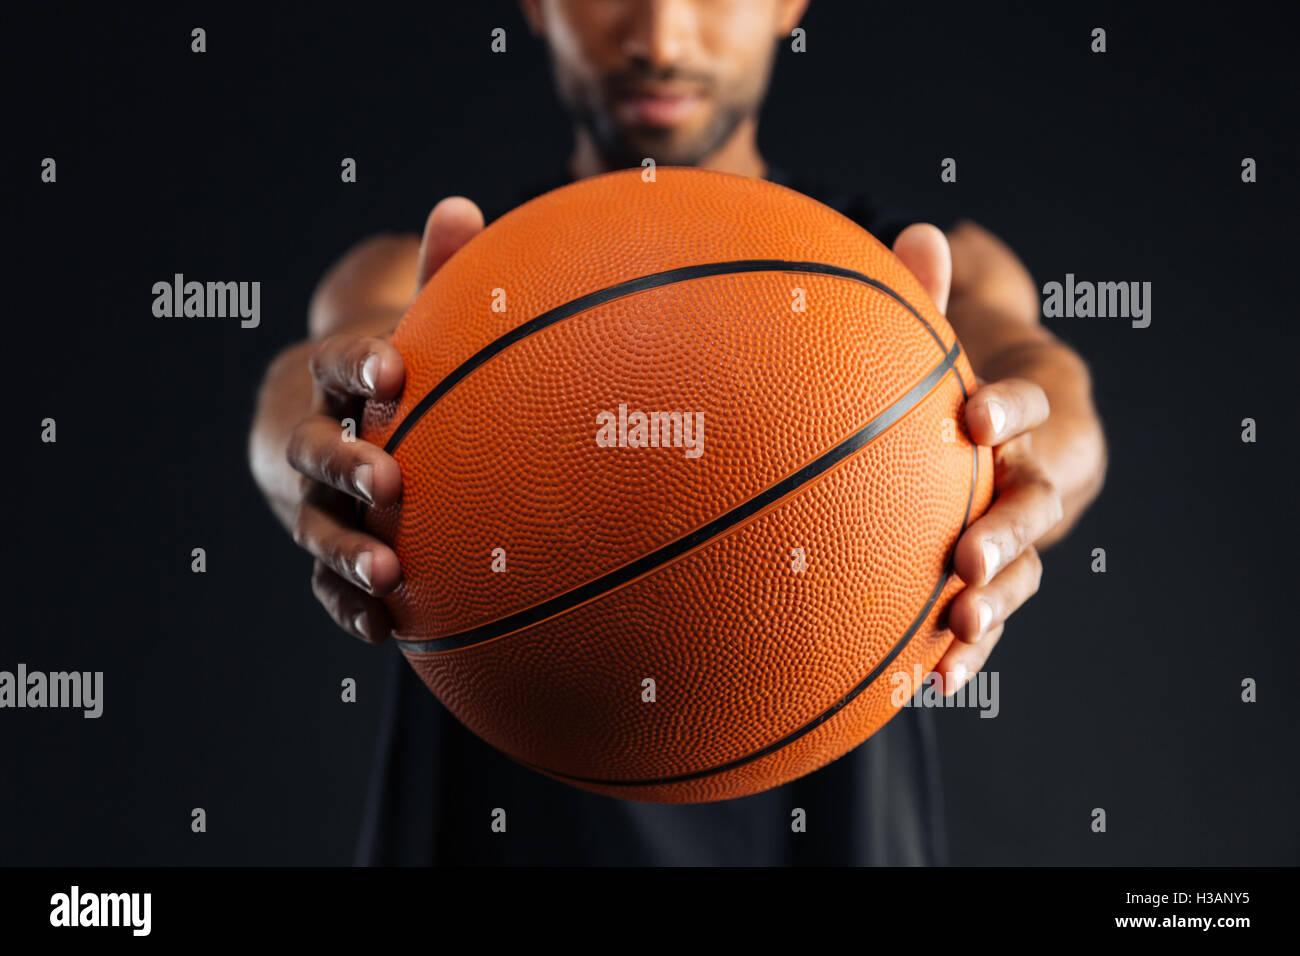 Immagine ritagliata di un concentrato giovane africana del giocatore di basket dando la sfera isolata su uno sfondo Immagini Stock